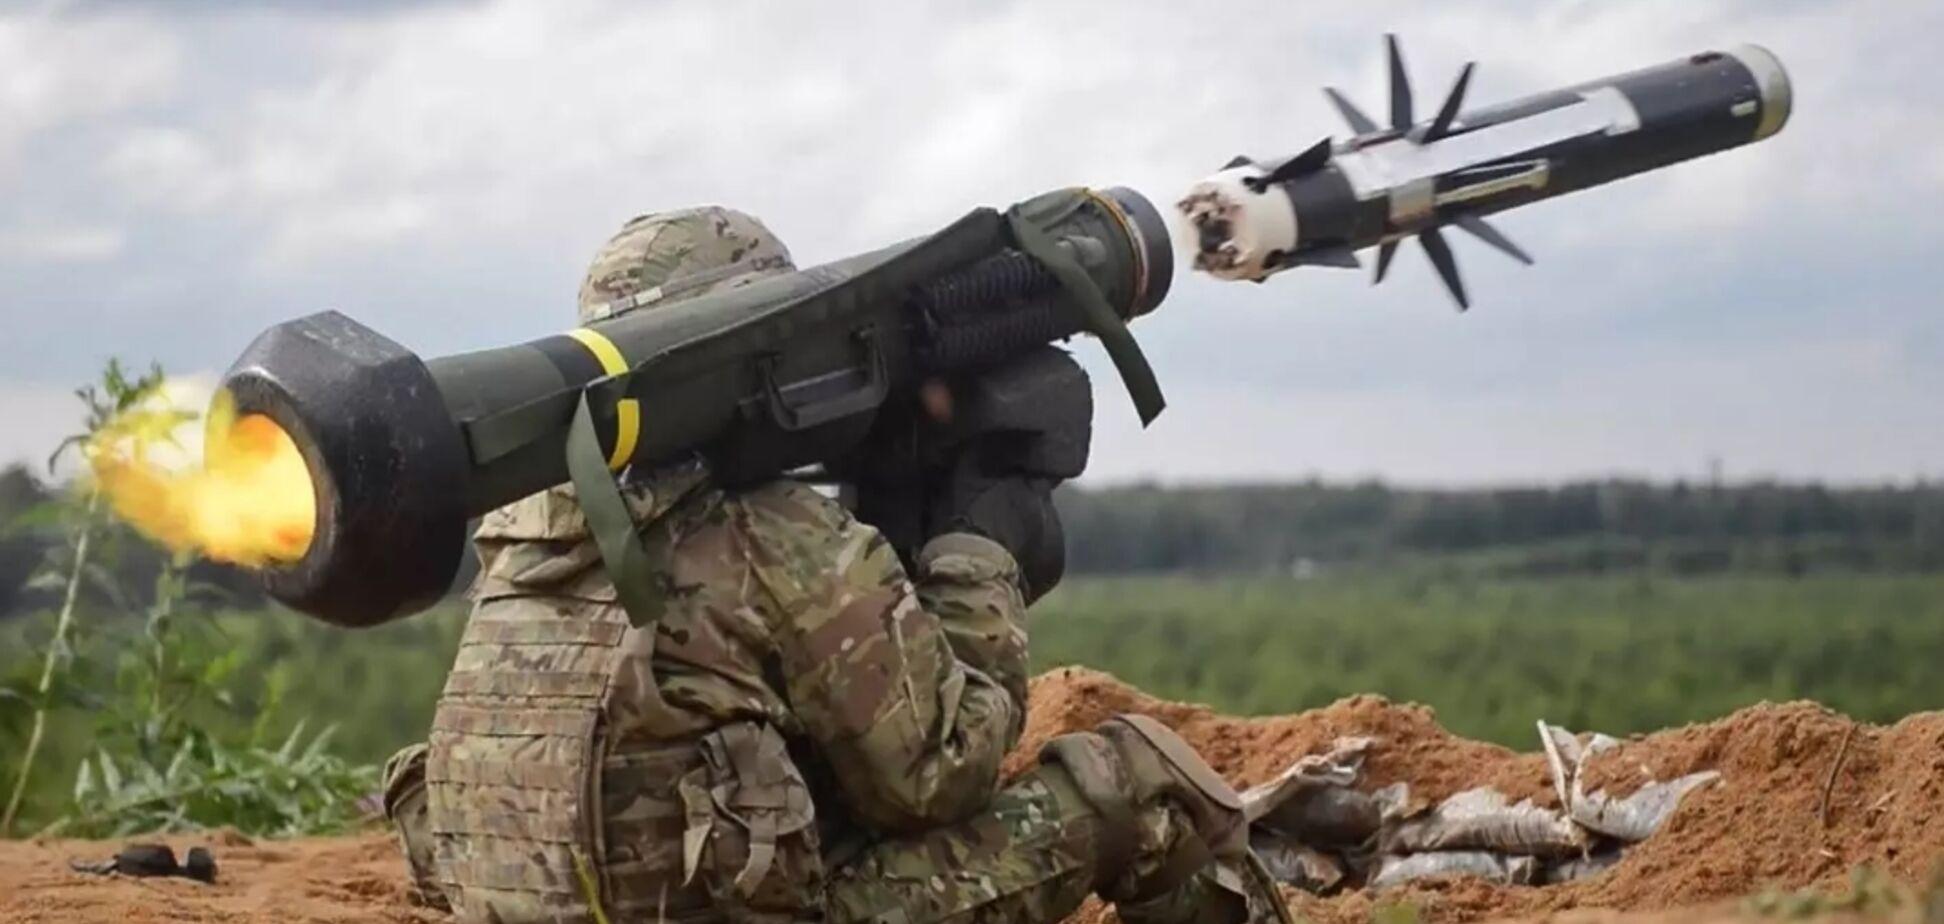 Javelin в Україні: Полторак сказав, коли ВСУ почнуть використовувати потужну зброю